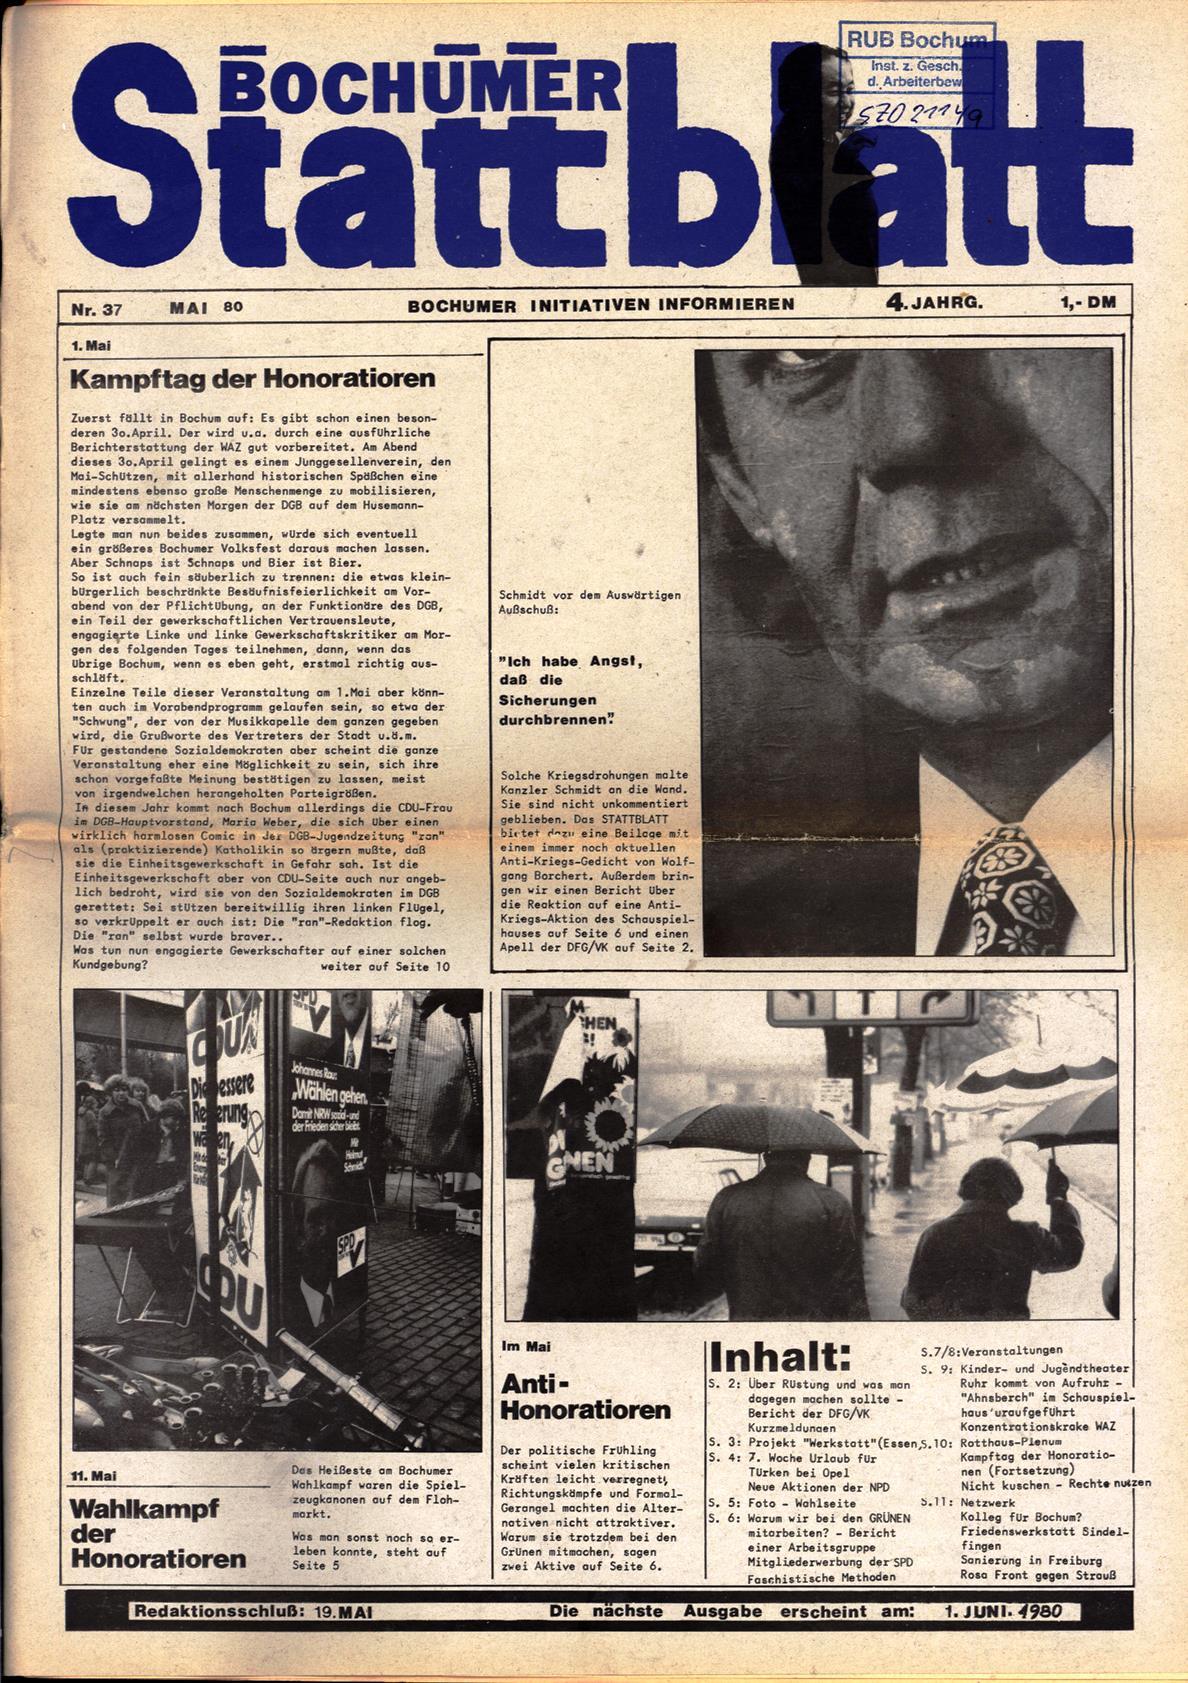 Bochum_Stattblatt_19800500_37_01